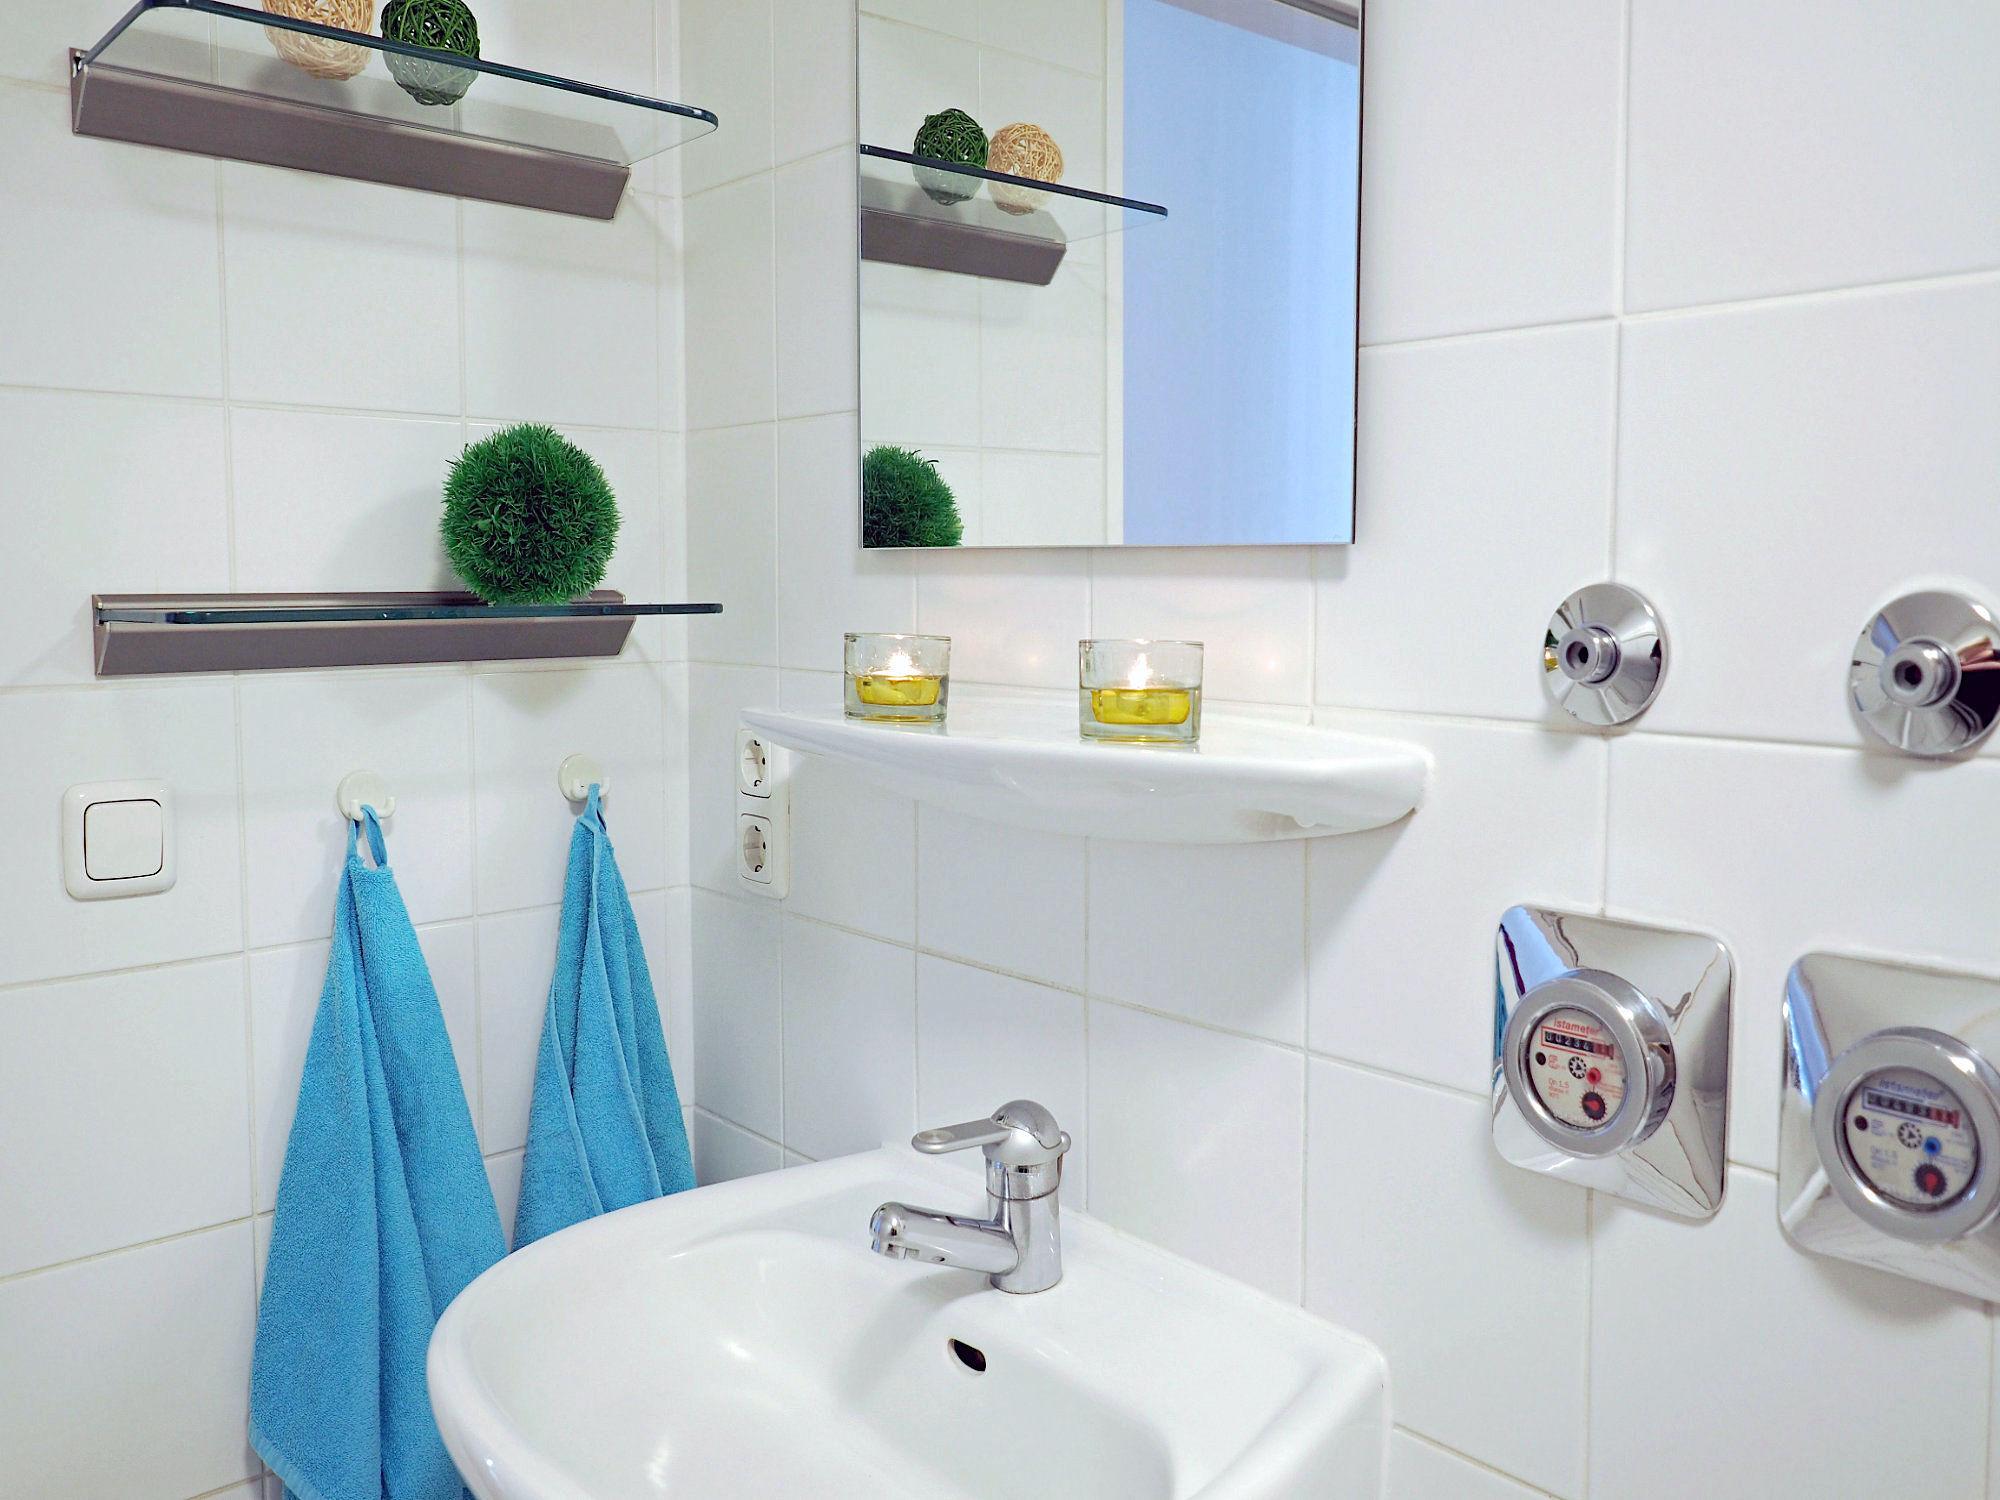 Duschbad mit Waschbecken und Spiegel sowie Glaskonsolen